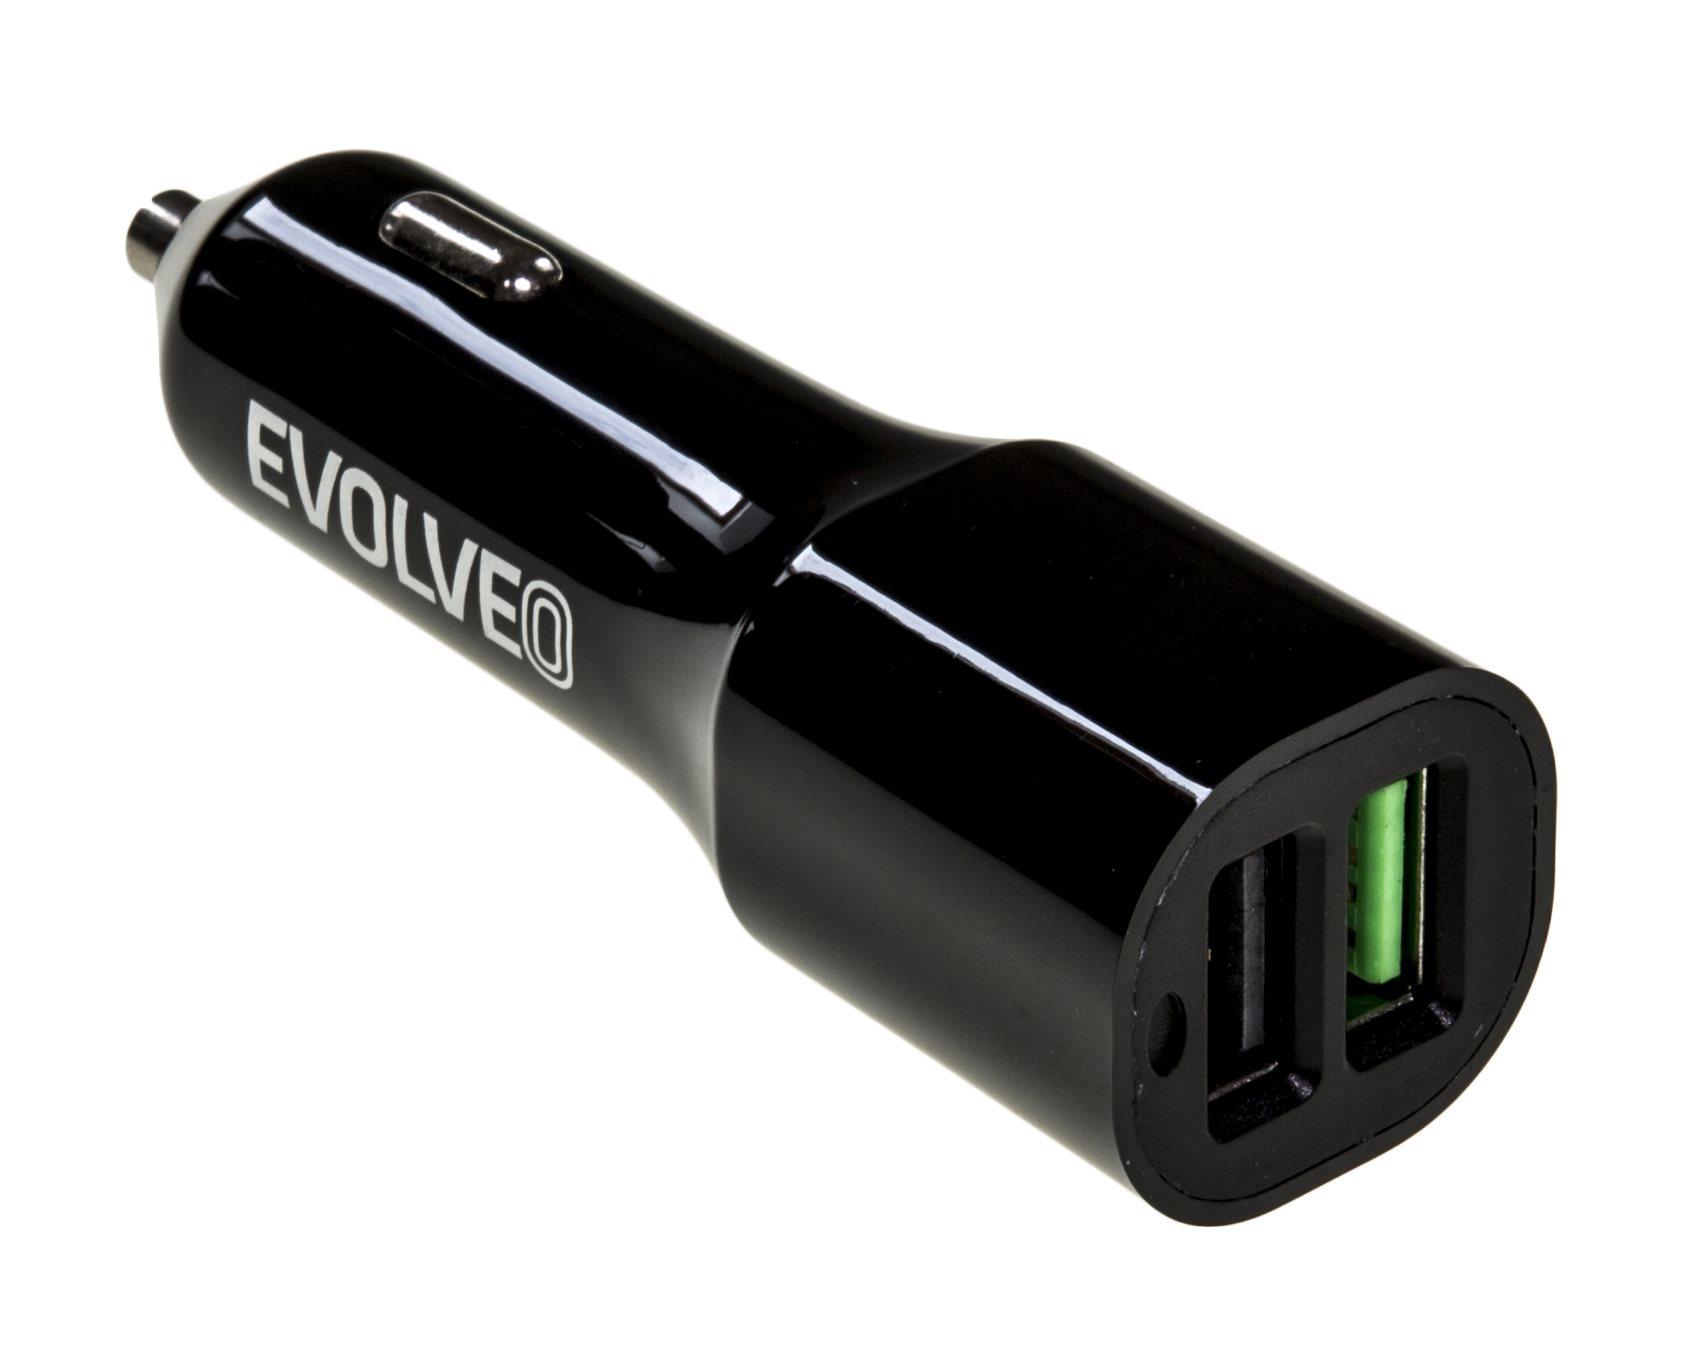 Nabíječka EVOLVEO MX310 - neoriginální